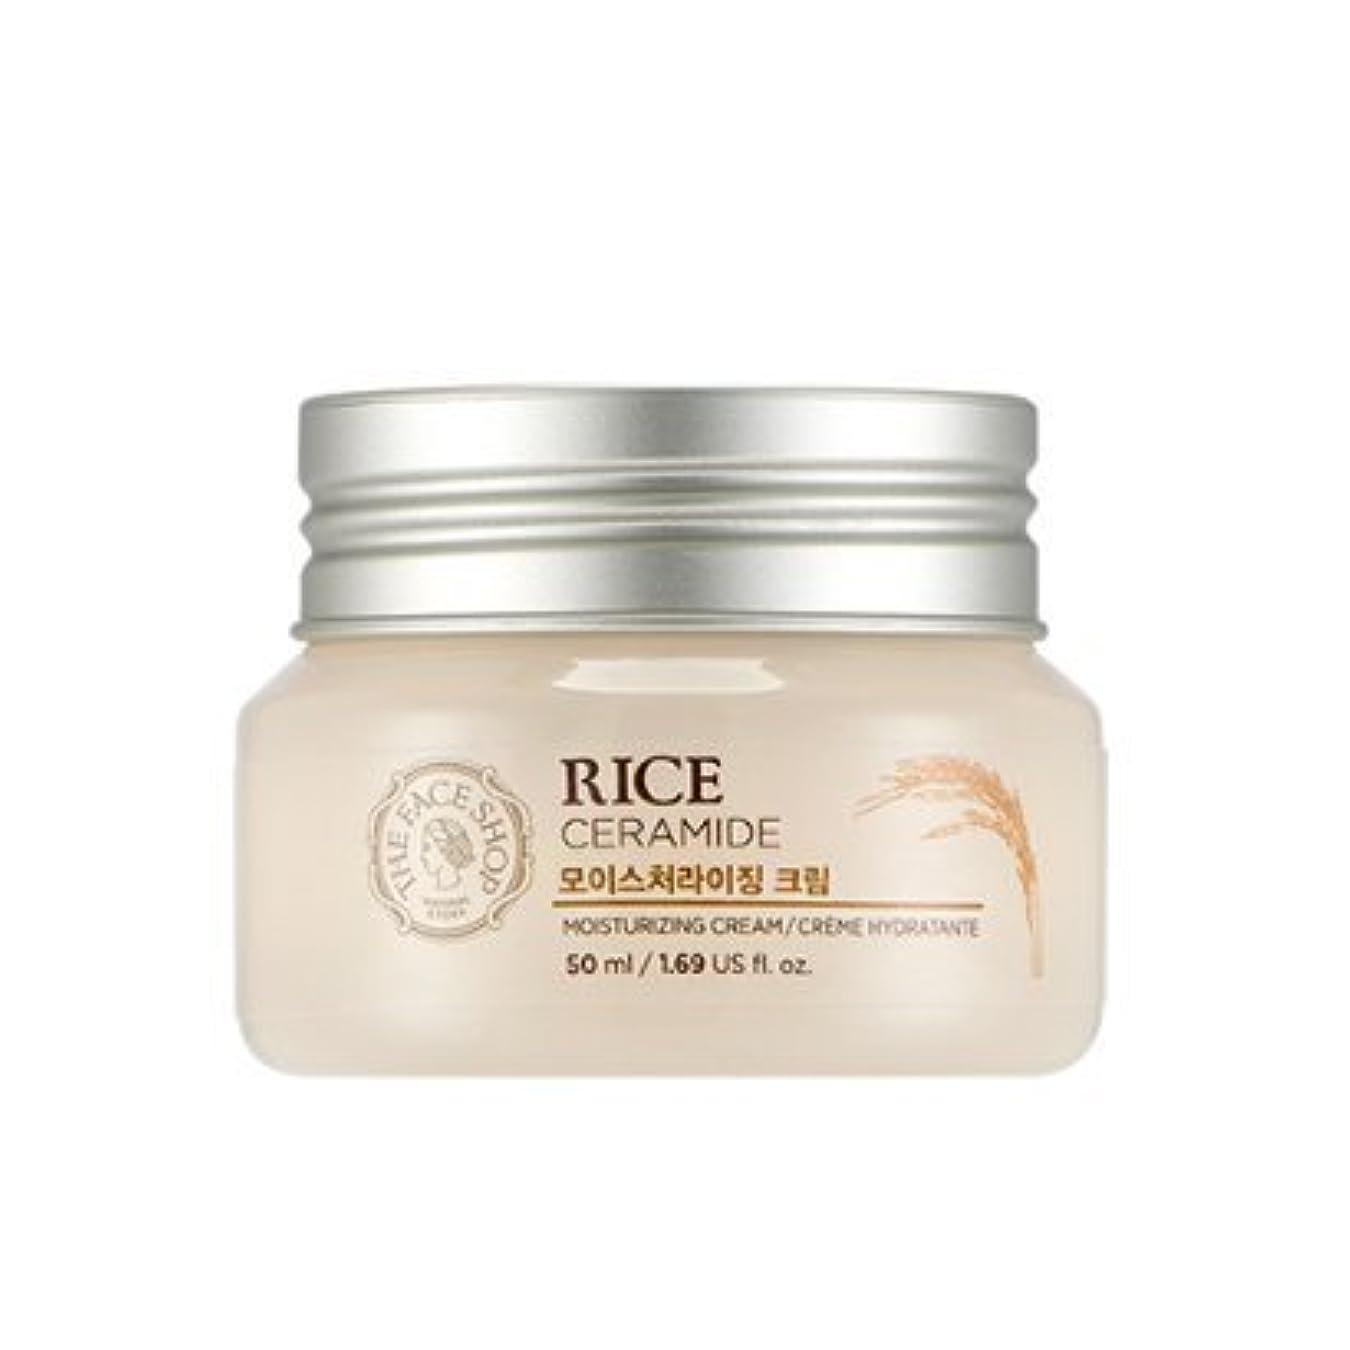 体現する平和な金額THE FACE SHOP Rice & Ceramide Moisturizing Cream ザフェイスショップ ライス&セラミドモイスチャーライジングクリーム [並行輸入品]